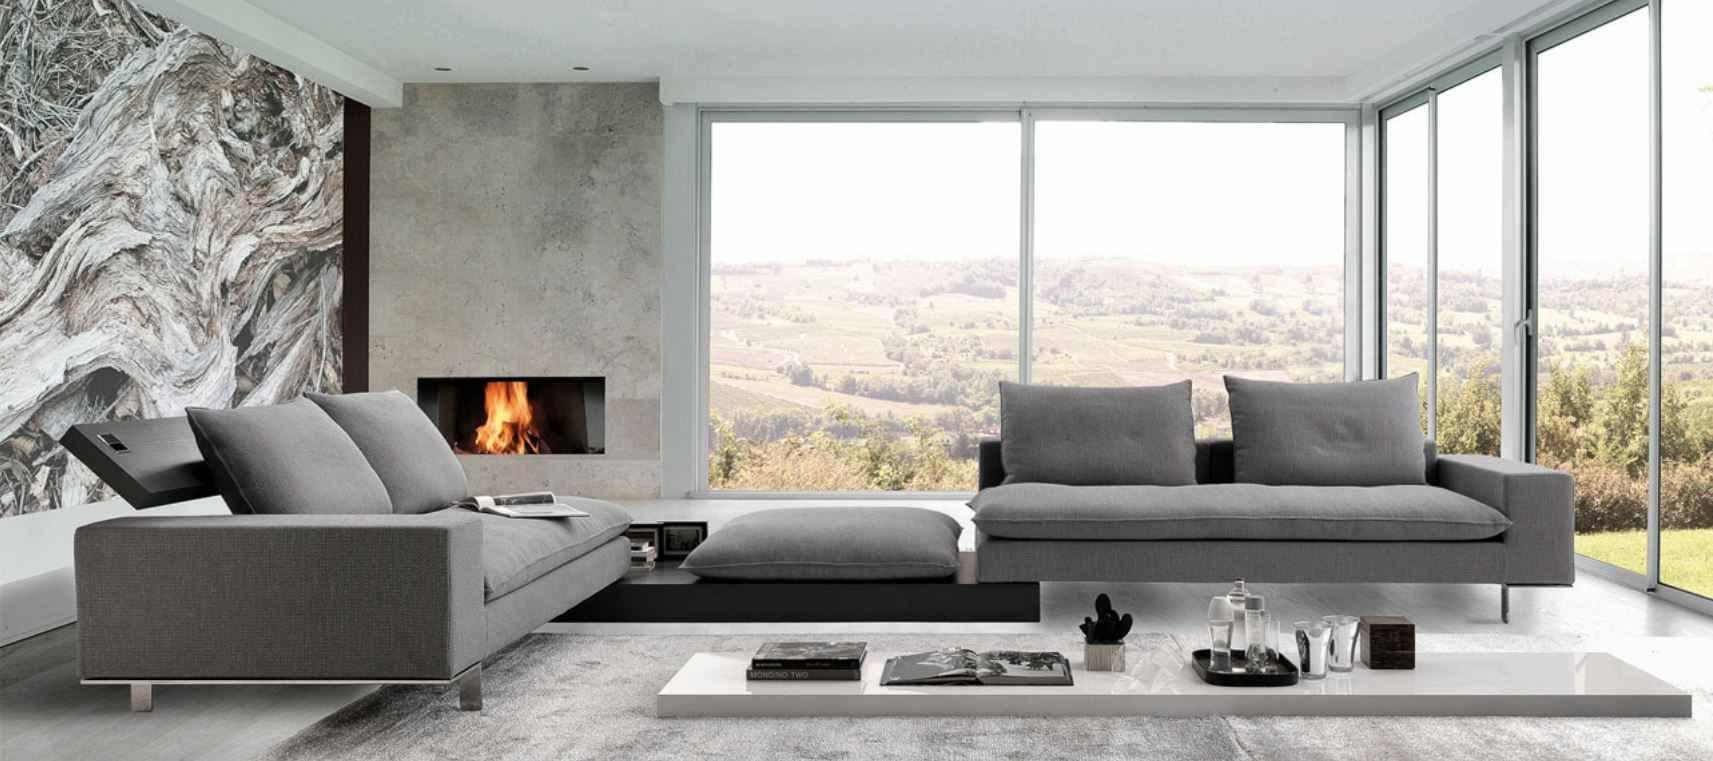 Moderne Ecksofas, Modernes Sofa, Italienische Möbel, Italienische Polster,  Modulsofa, Moderne Wohnräume, Wohnzimmer Möbel, Comfortable Sofa, Italian  Living ...